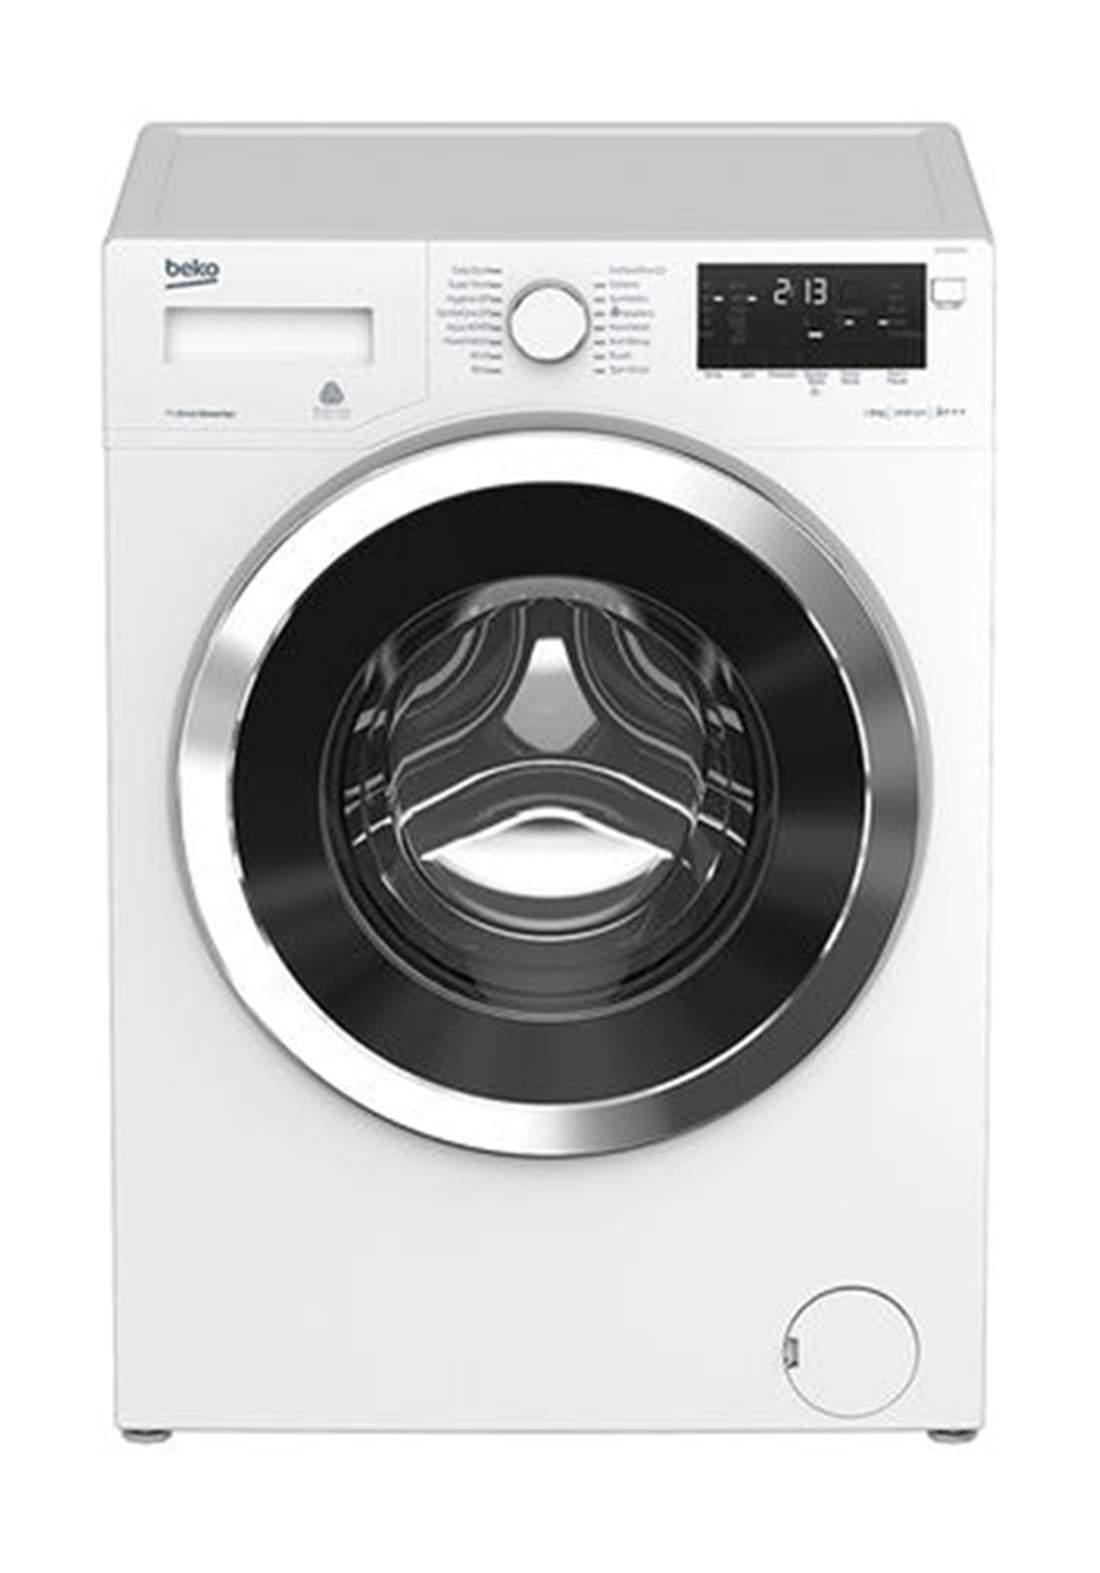 Beko WX 943440W Washing Machine 9 kg - White غسالة أوتماتيك